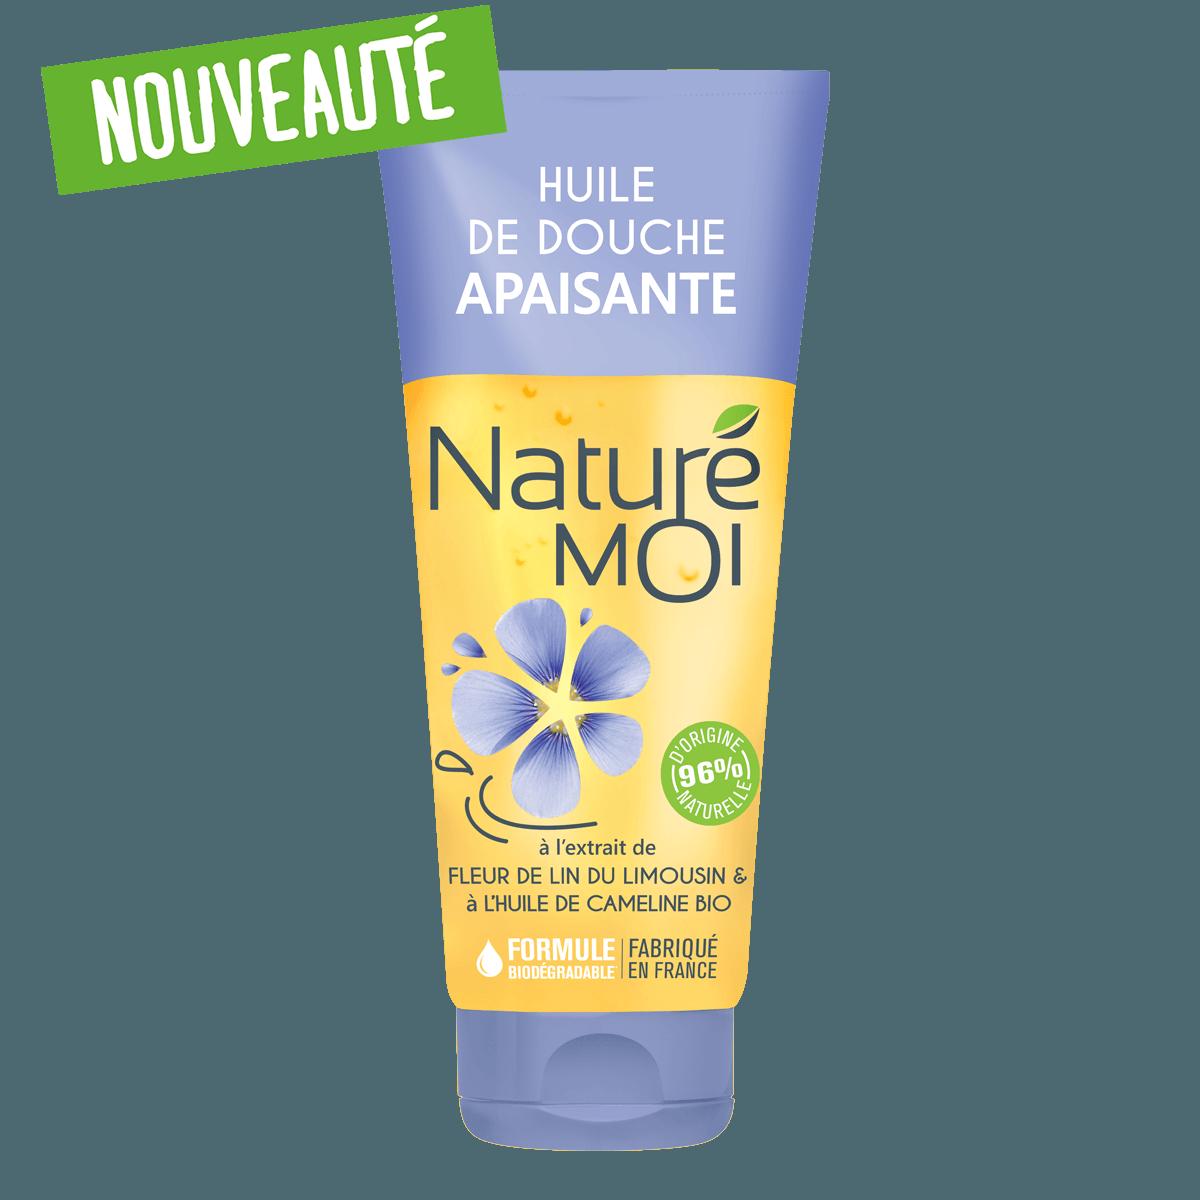 Huile de Douche Apaisante à la fleur de Lin du Limousin et à l'huile de Cameline BIO